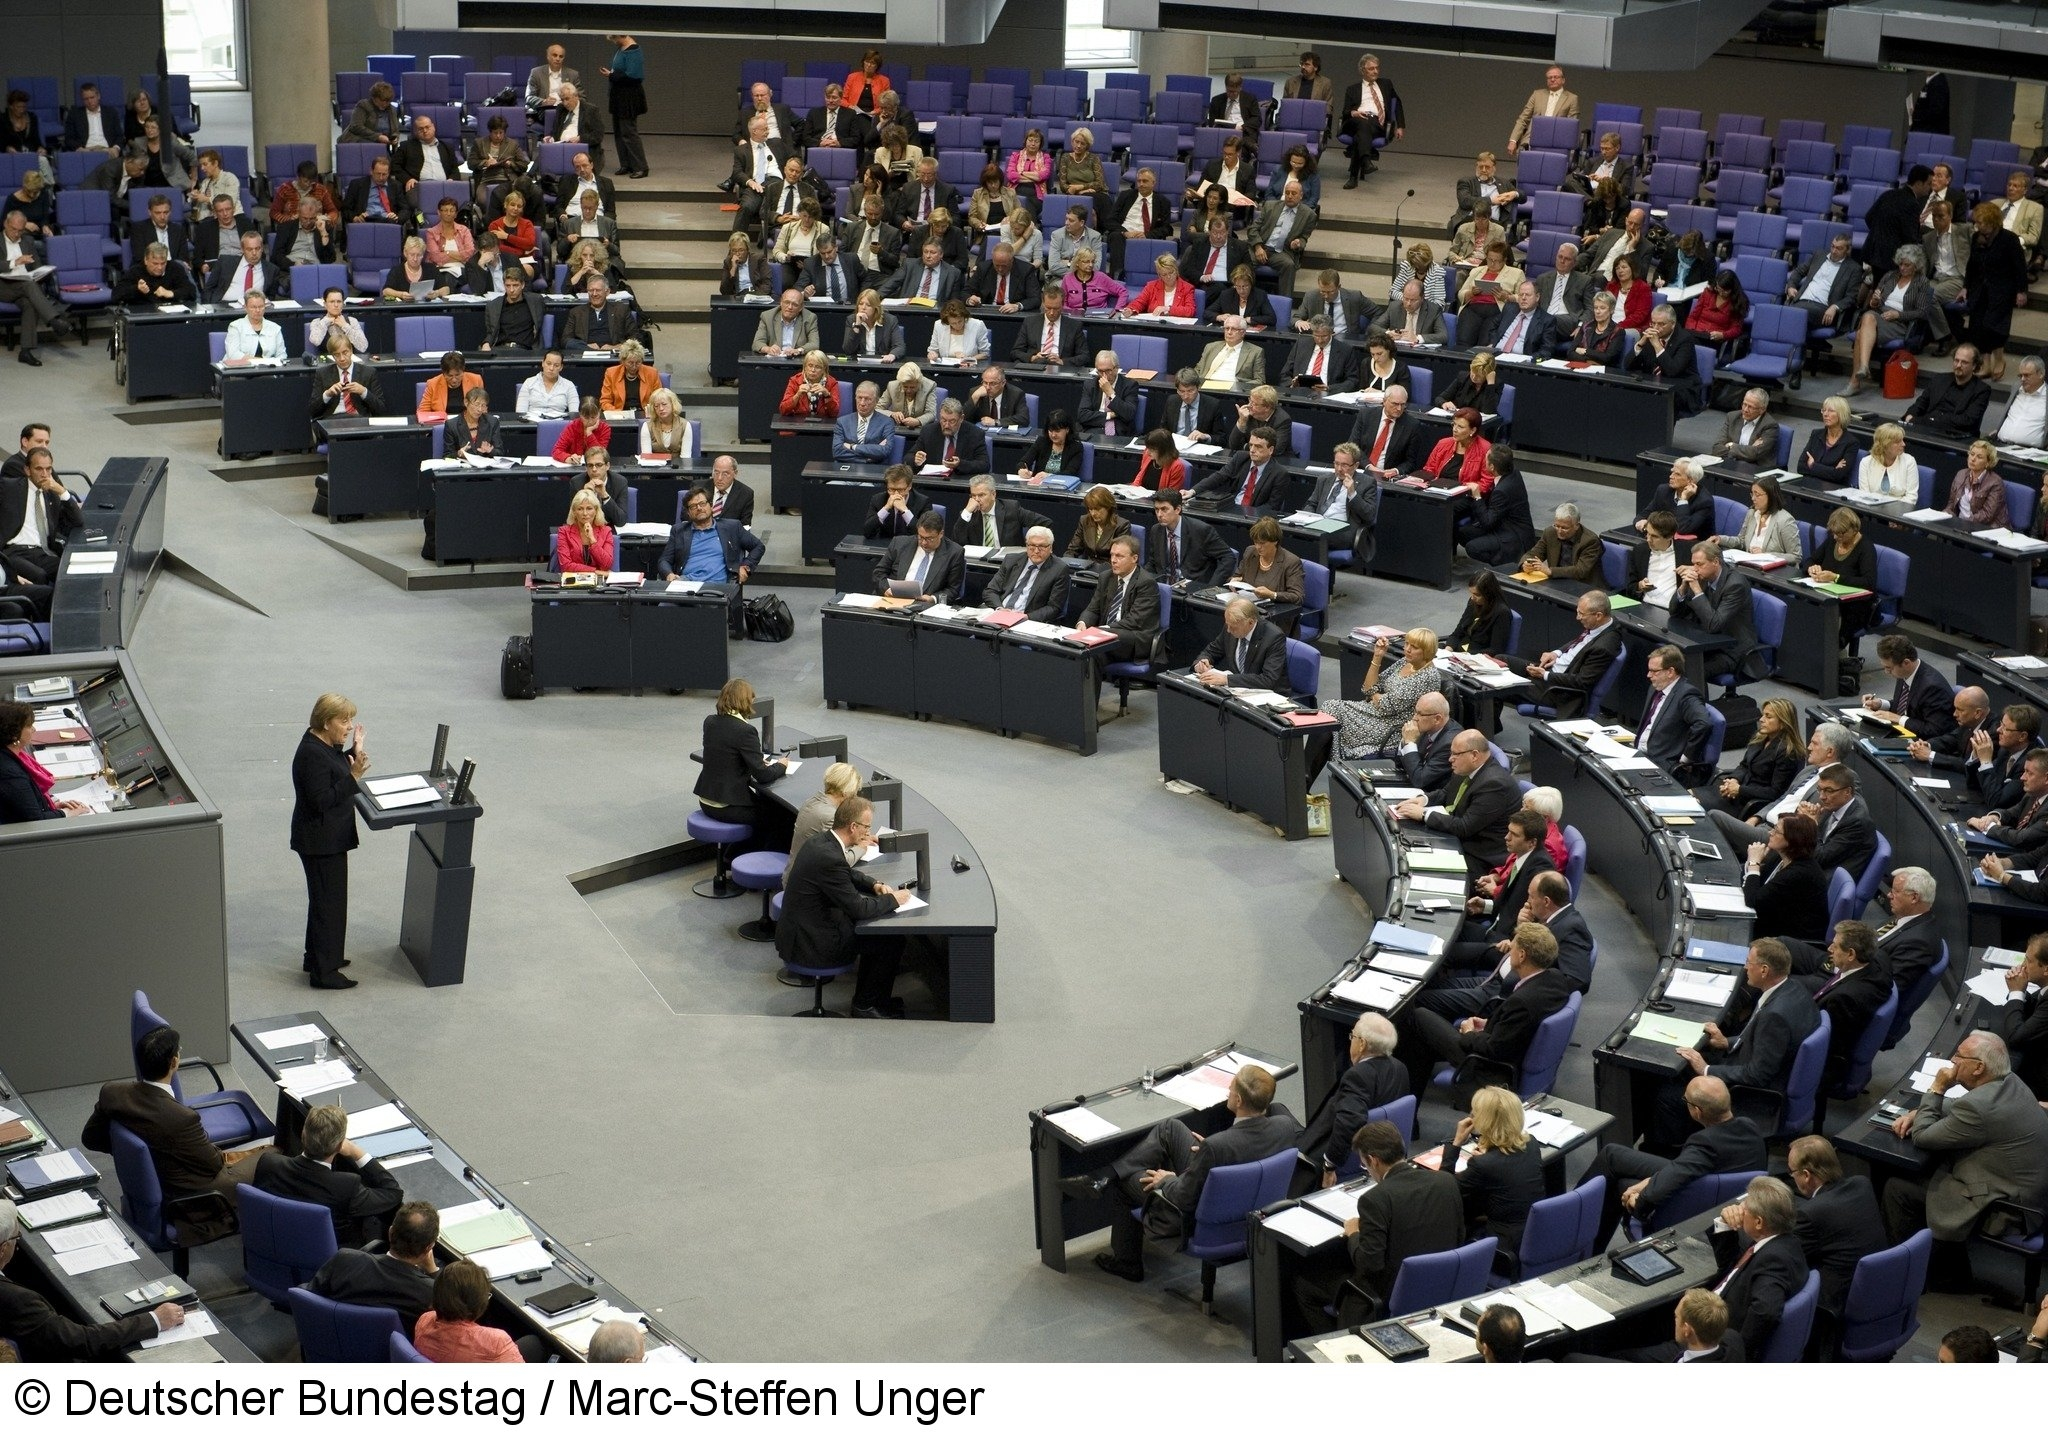 Deutscher Bundestag / Marc-Steffen Unger